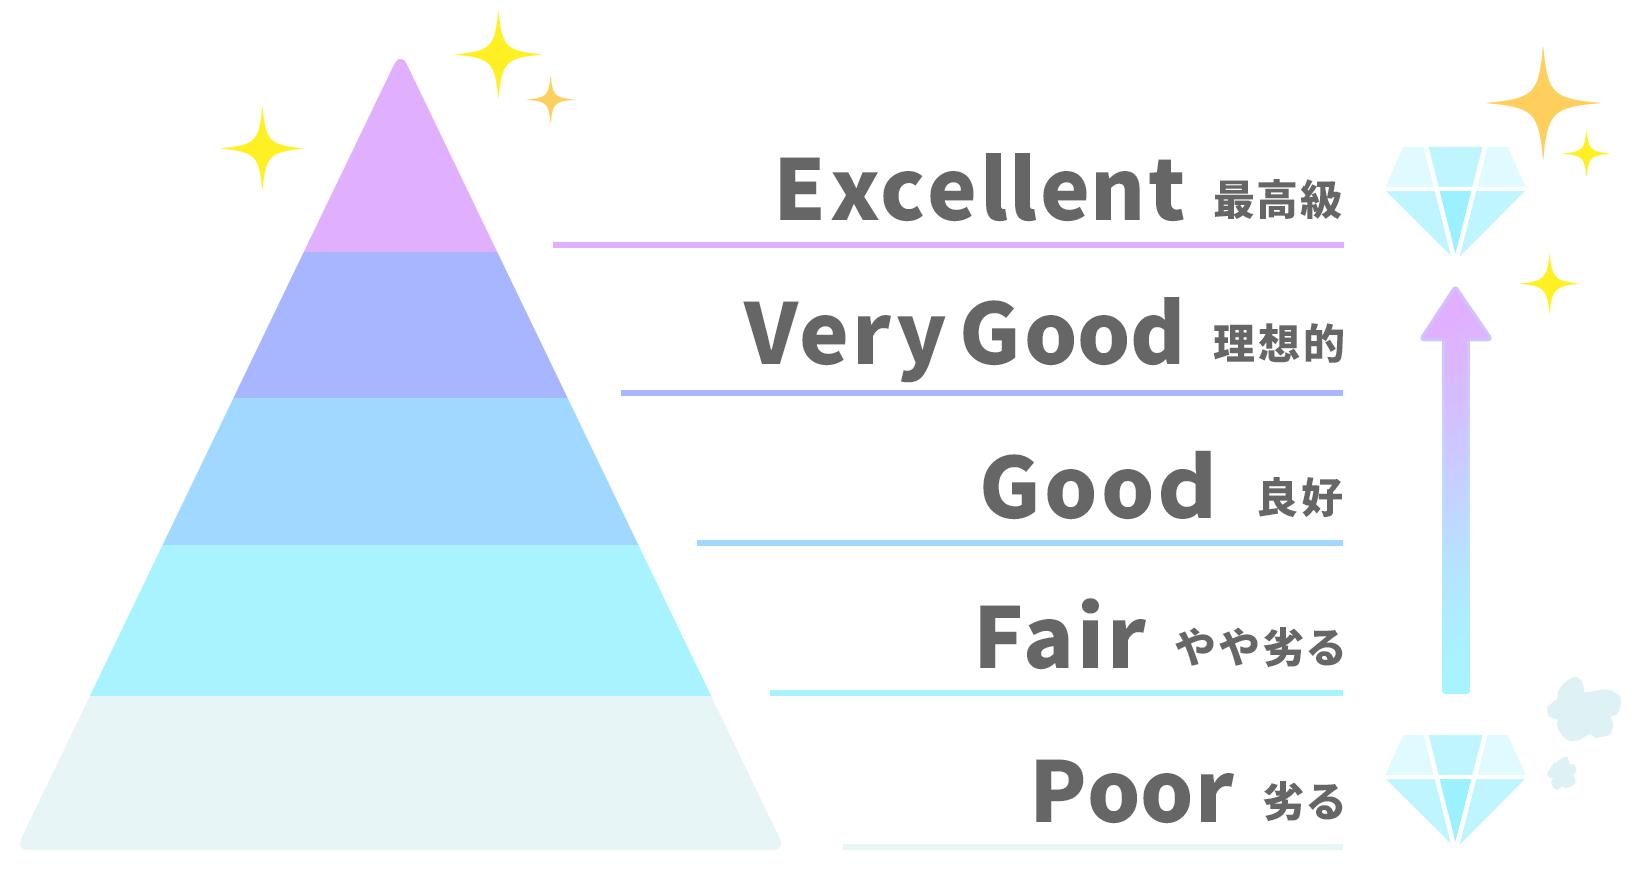 CUTには5段階あり、Excellent(最高)、very good(理想的)、good(良好)、fair(やや劣る)、Poor(劣る)